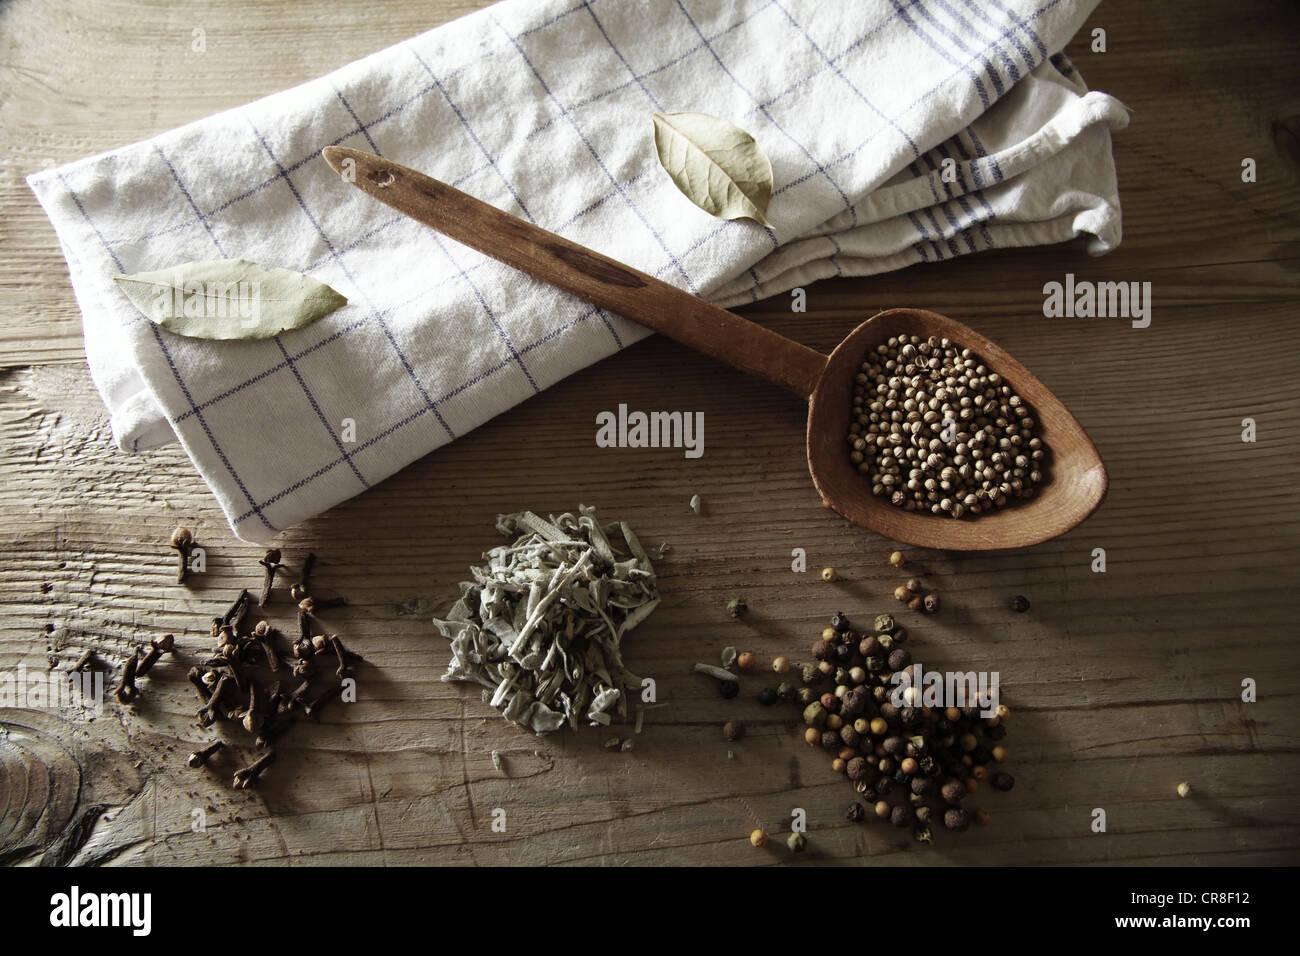 Coriander (Coriandrum sativum), Peppercorns (Piper nigrum), Sage (Salvia) and dried Cloves (Syzygium aromaticum) - Stock Image